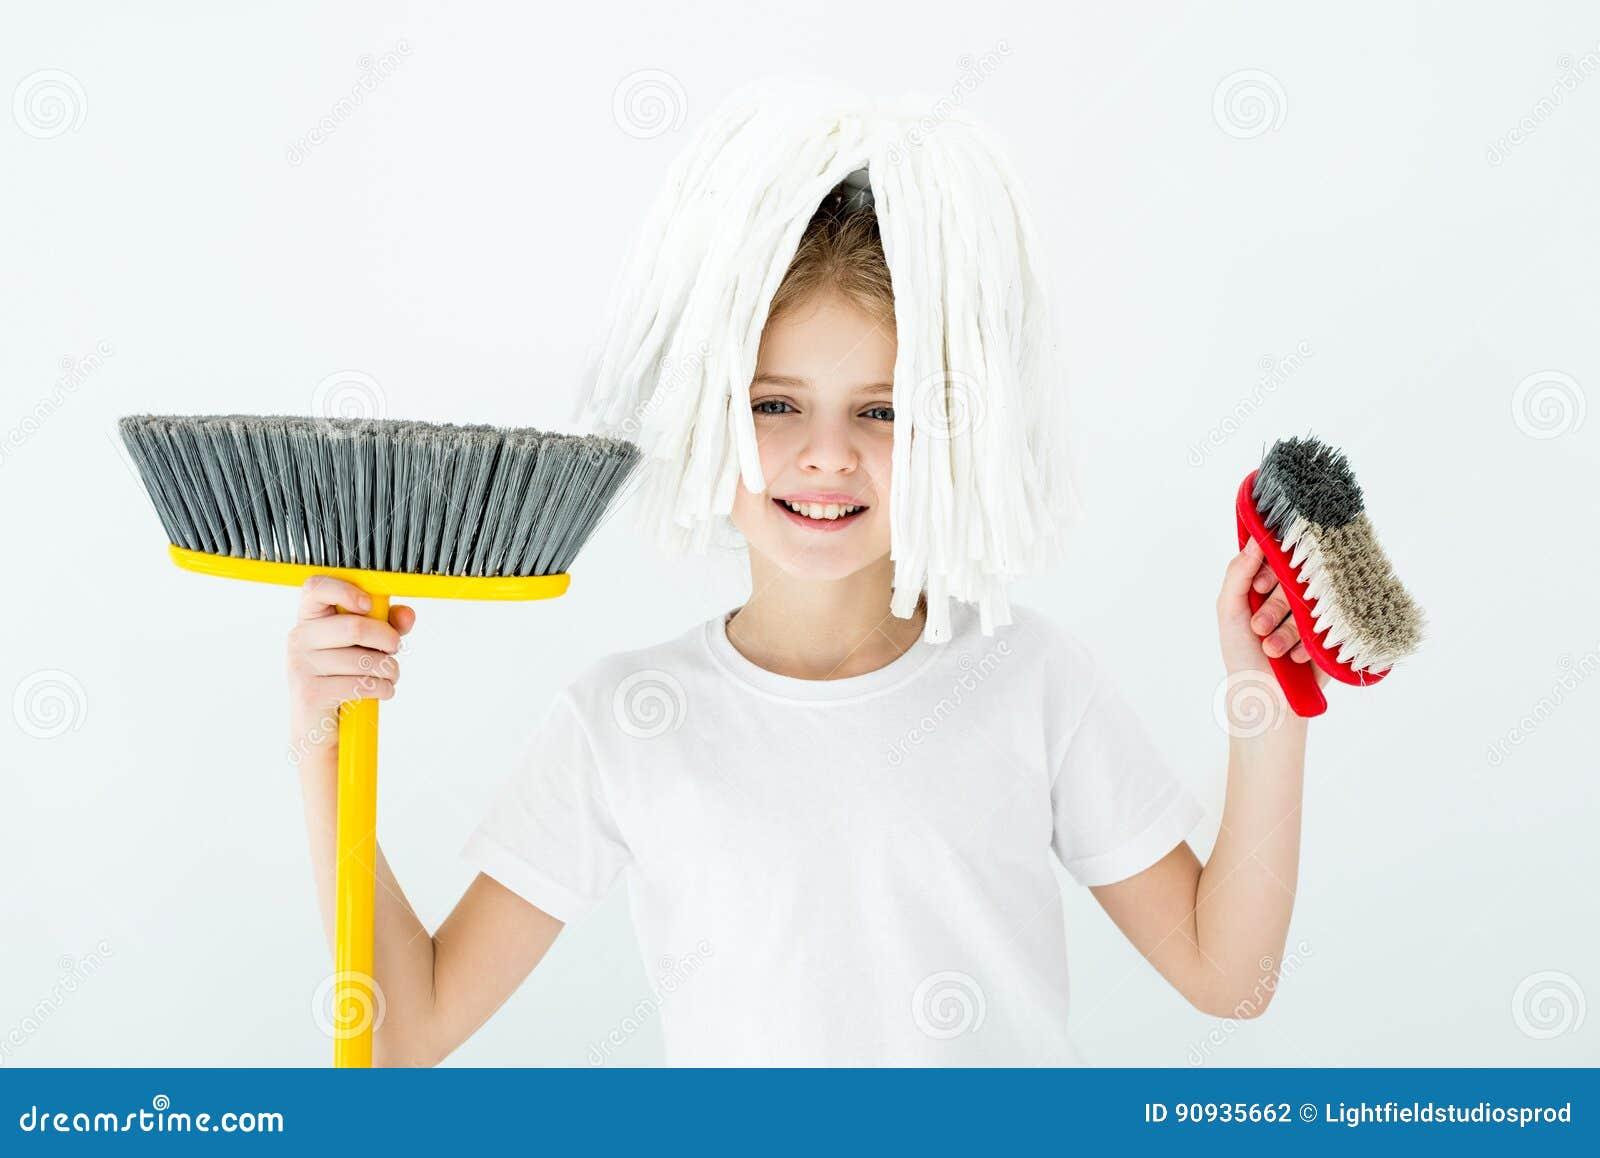 Lächelndes kleines Mädchen, das verschiedenes Putzzeug auf Weiß hält